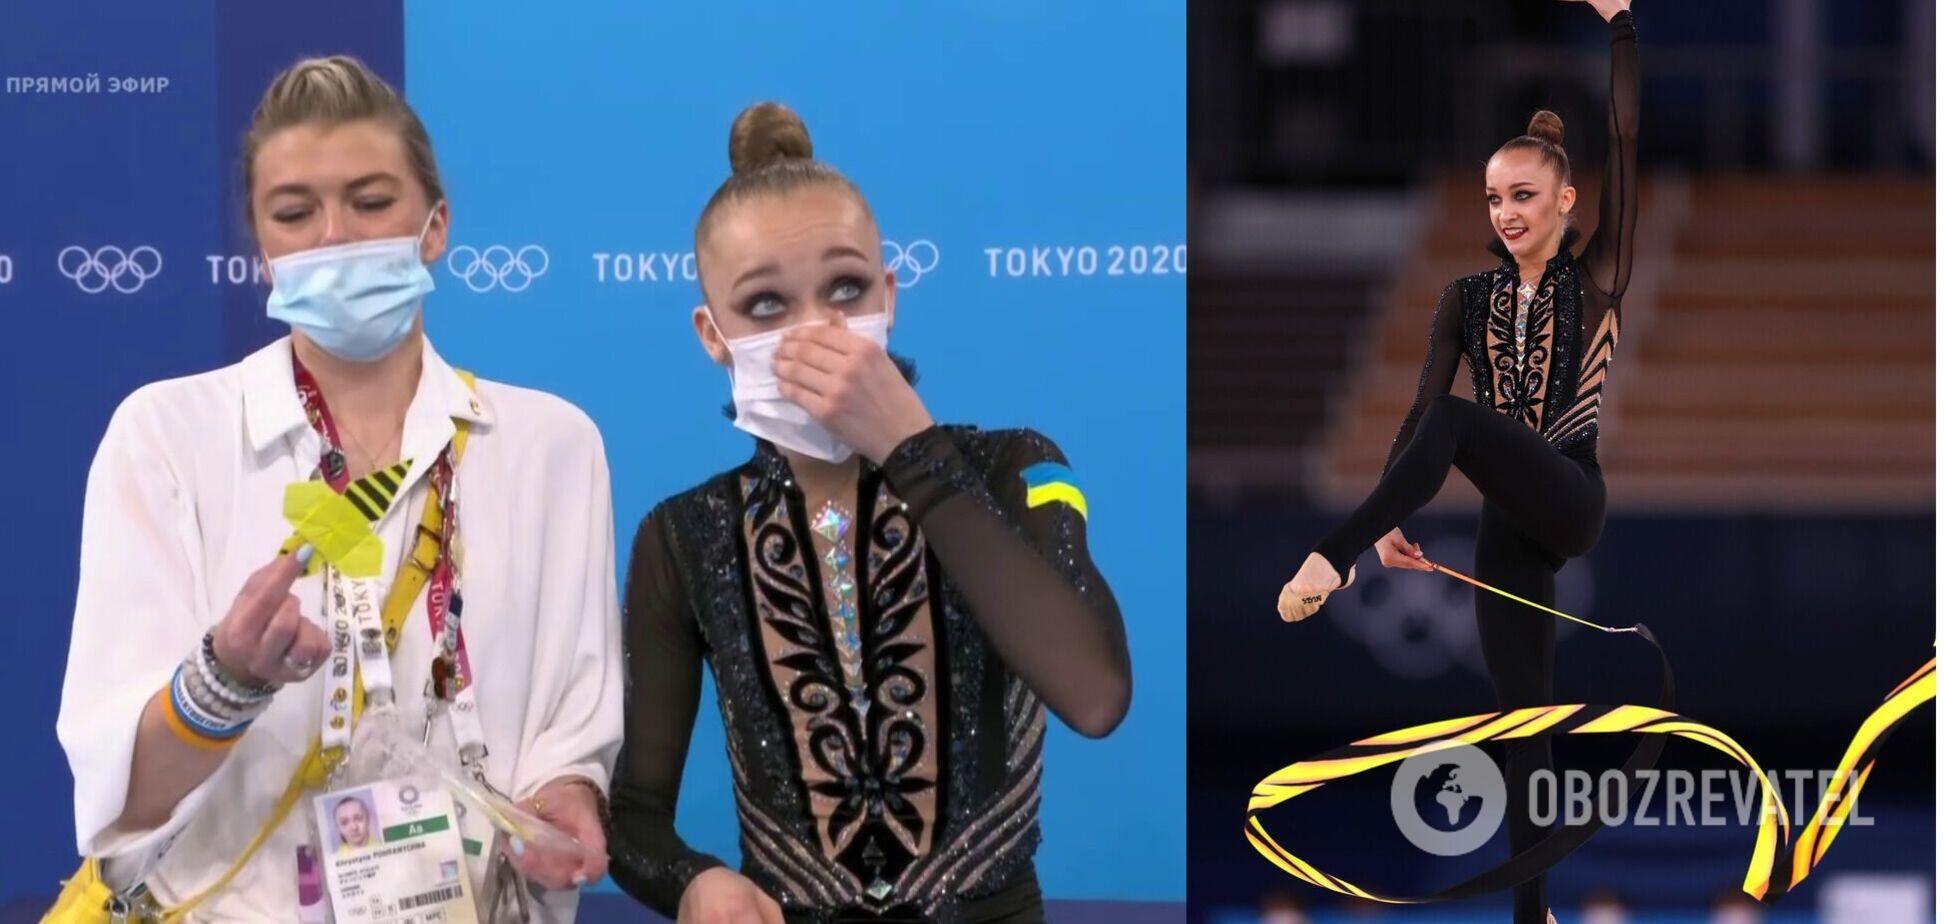 Іріша Блохіна Олімпіади-2020